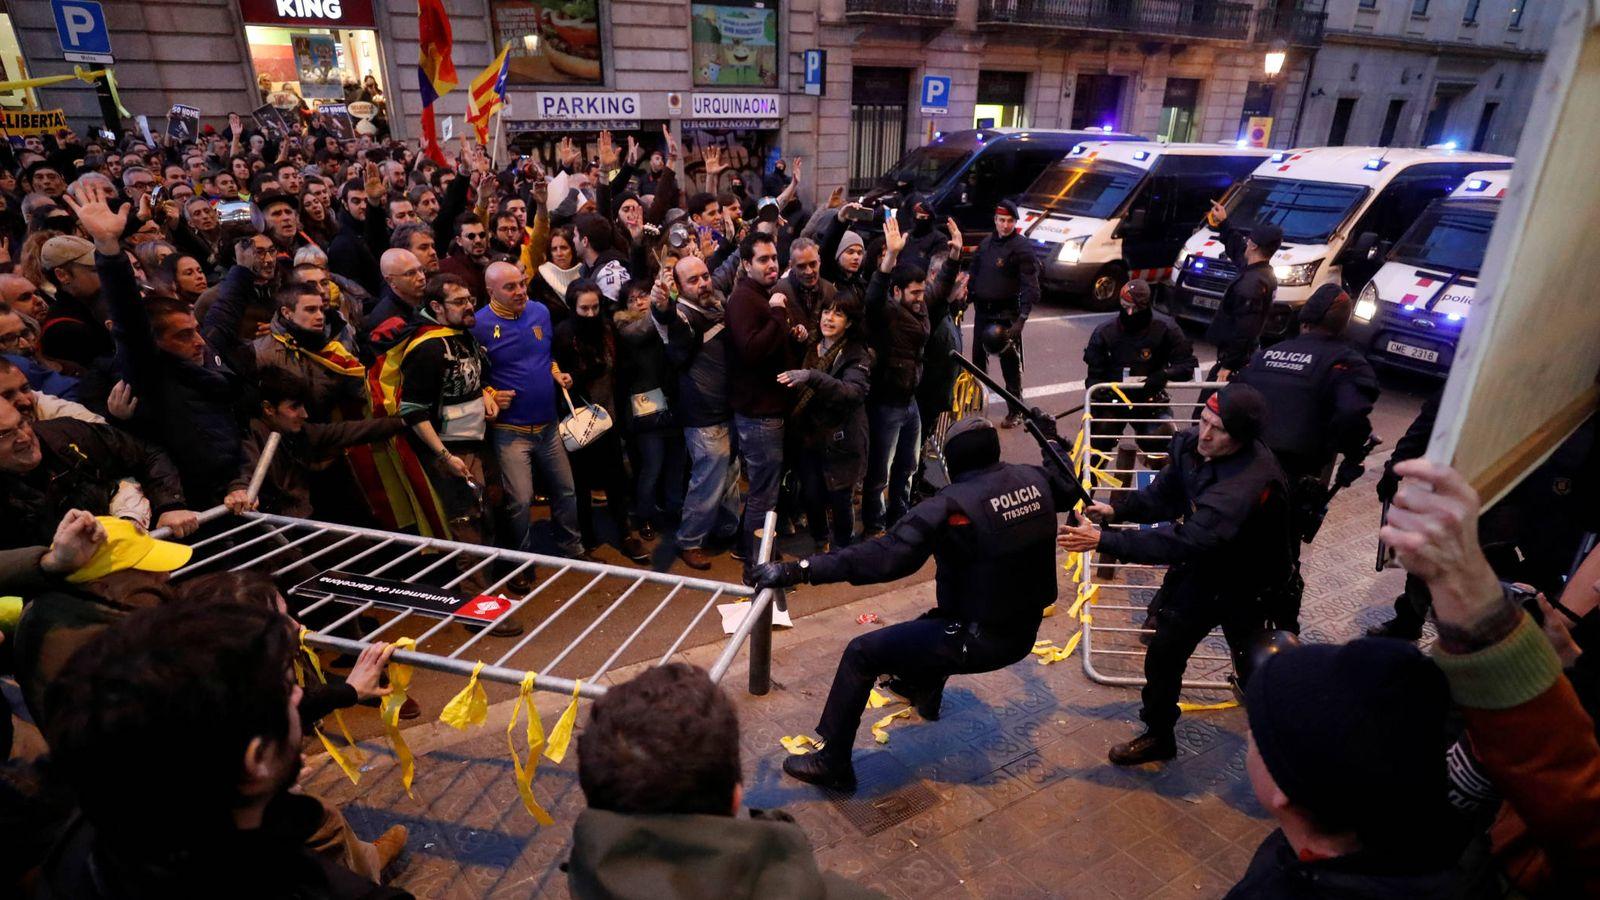 Foto: Enfrentamientos entre los Mossos d'Esquadra y los manifestantes independentistas en los aledaños del Palau de la Música. (Reuters)